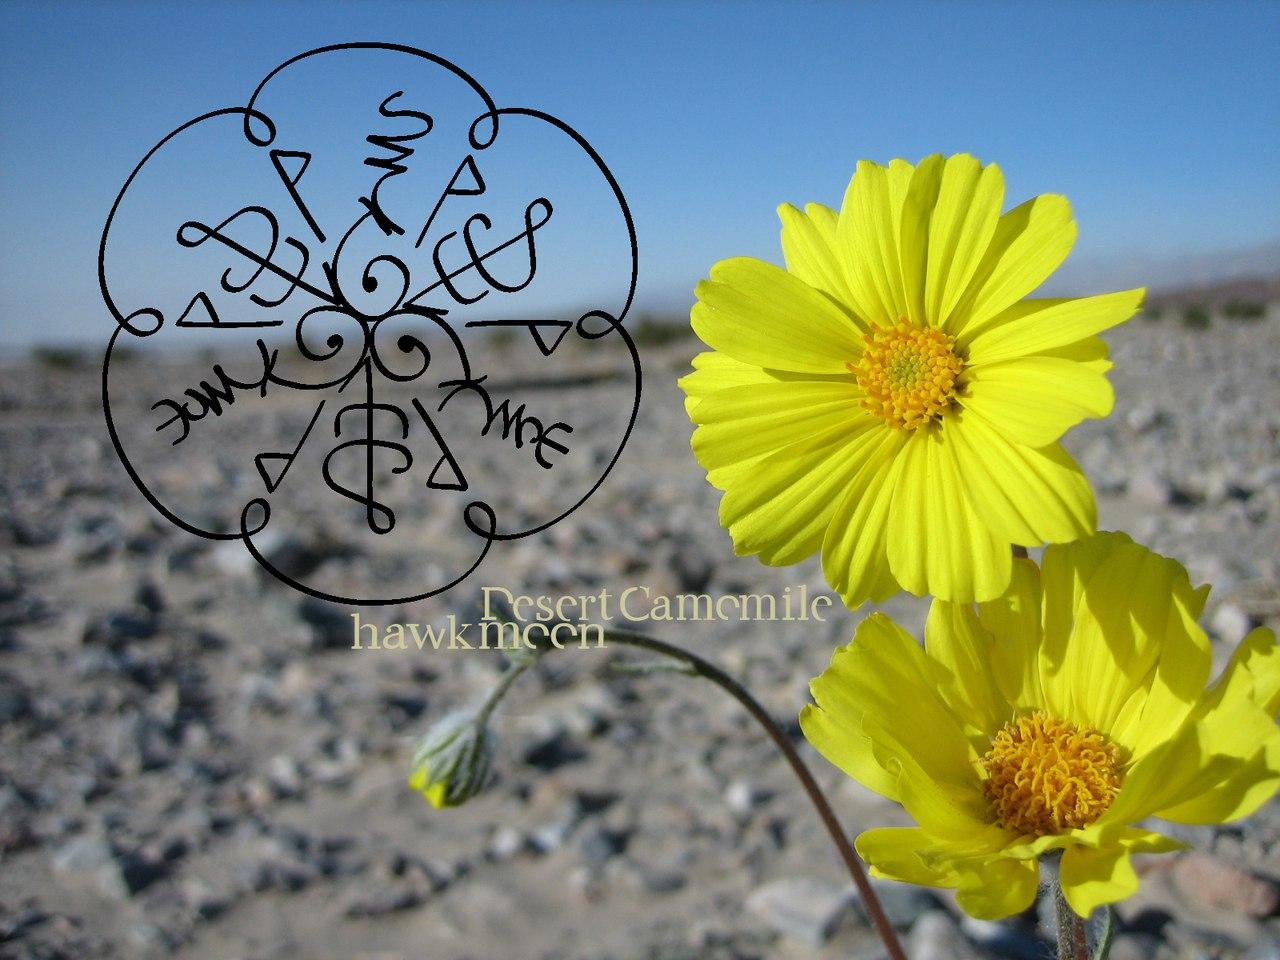 Ромашка Пустыни (привлечение партнеров, клиентов, приворот, морок). PiVT7H_6JgQ